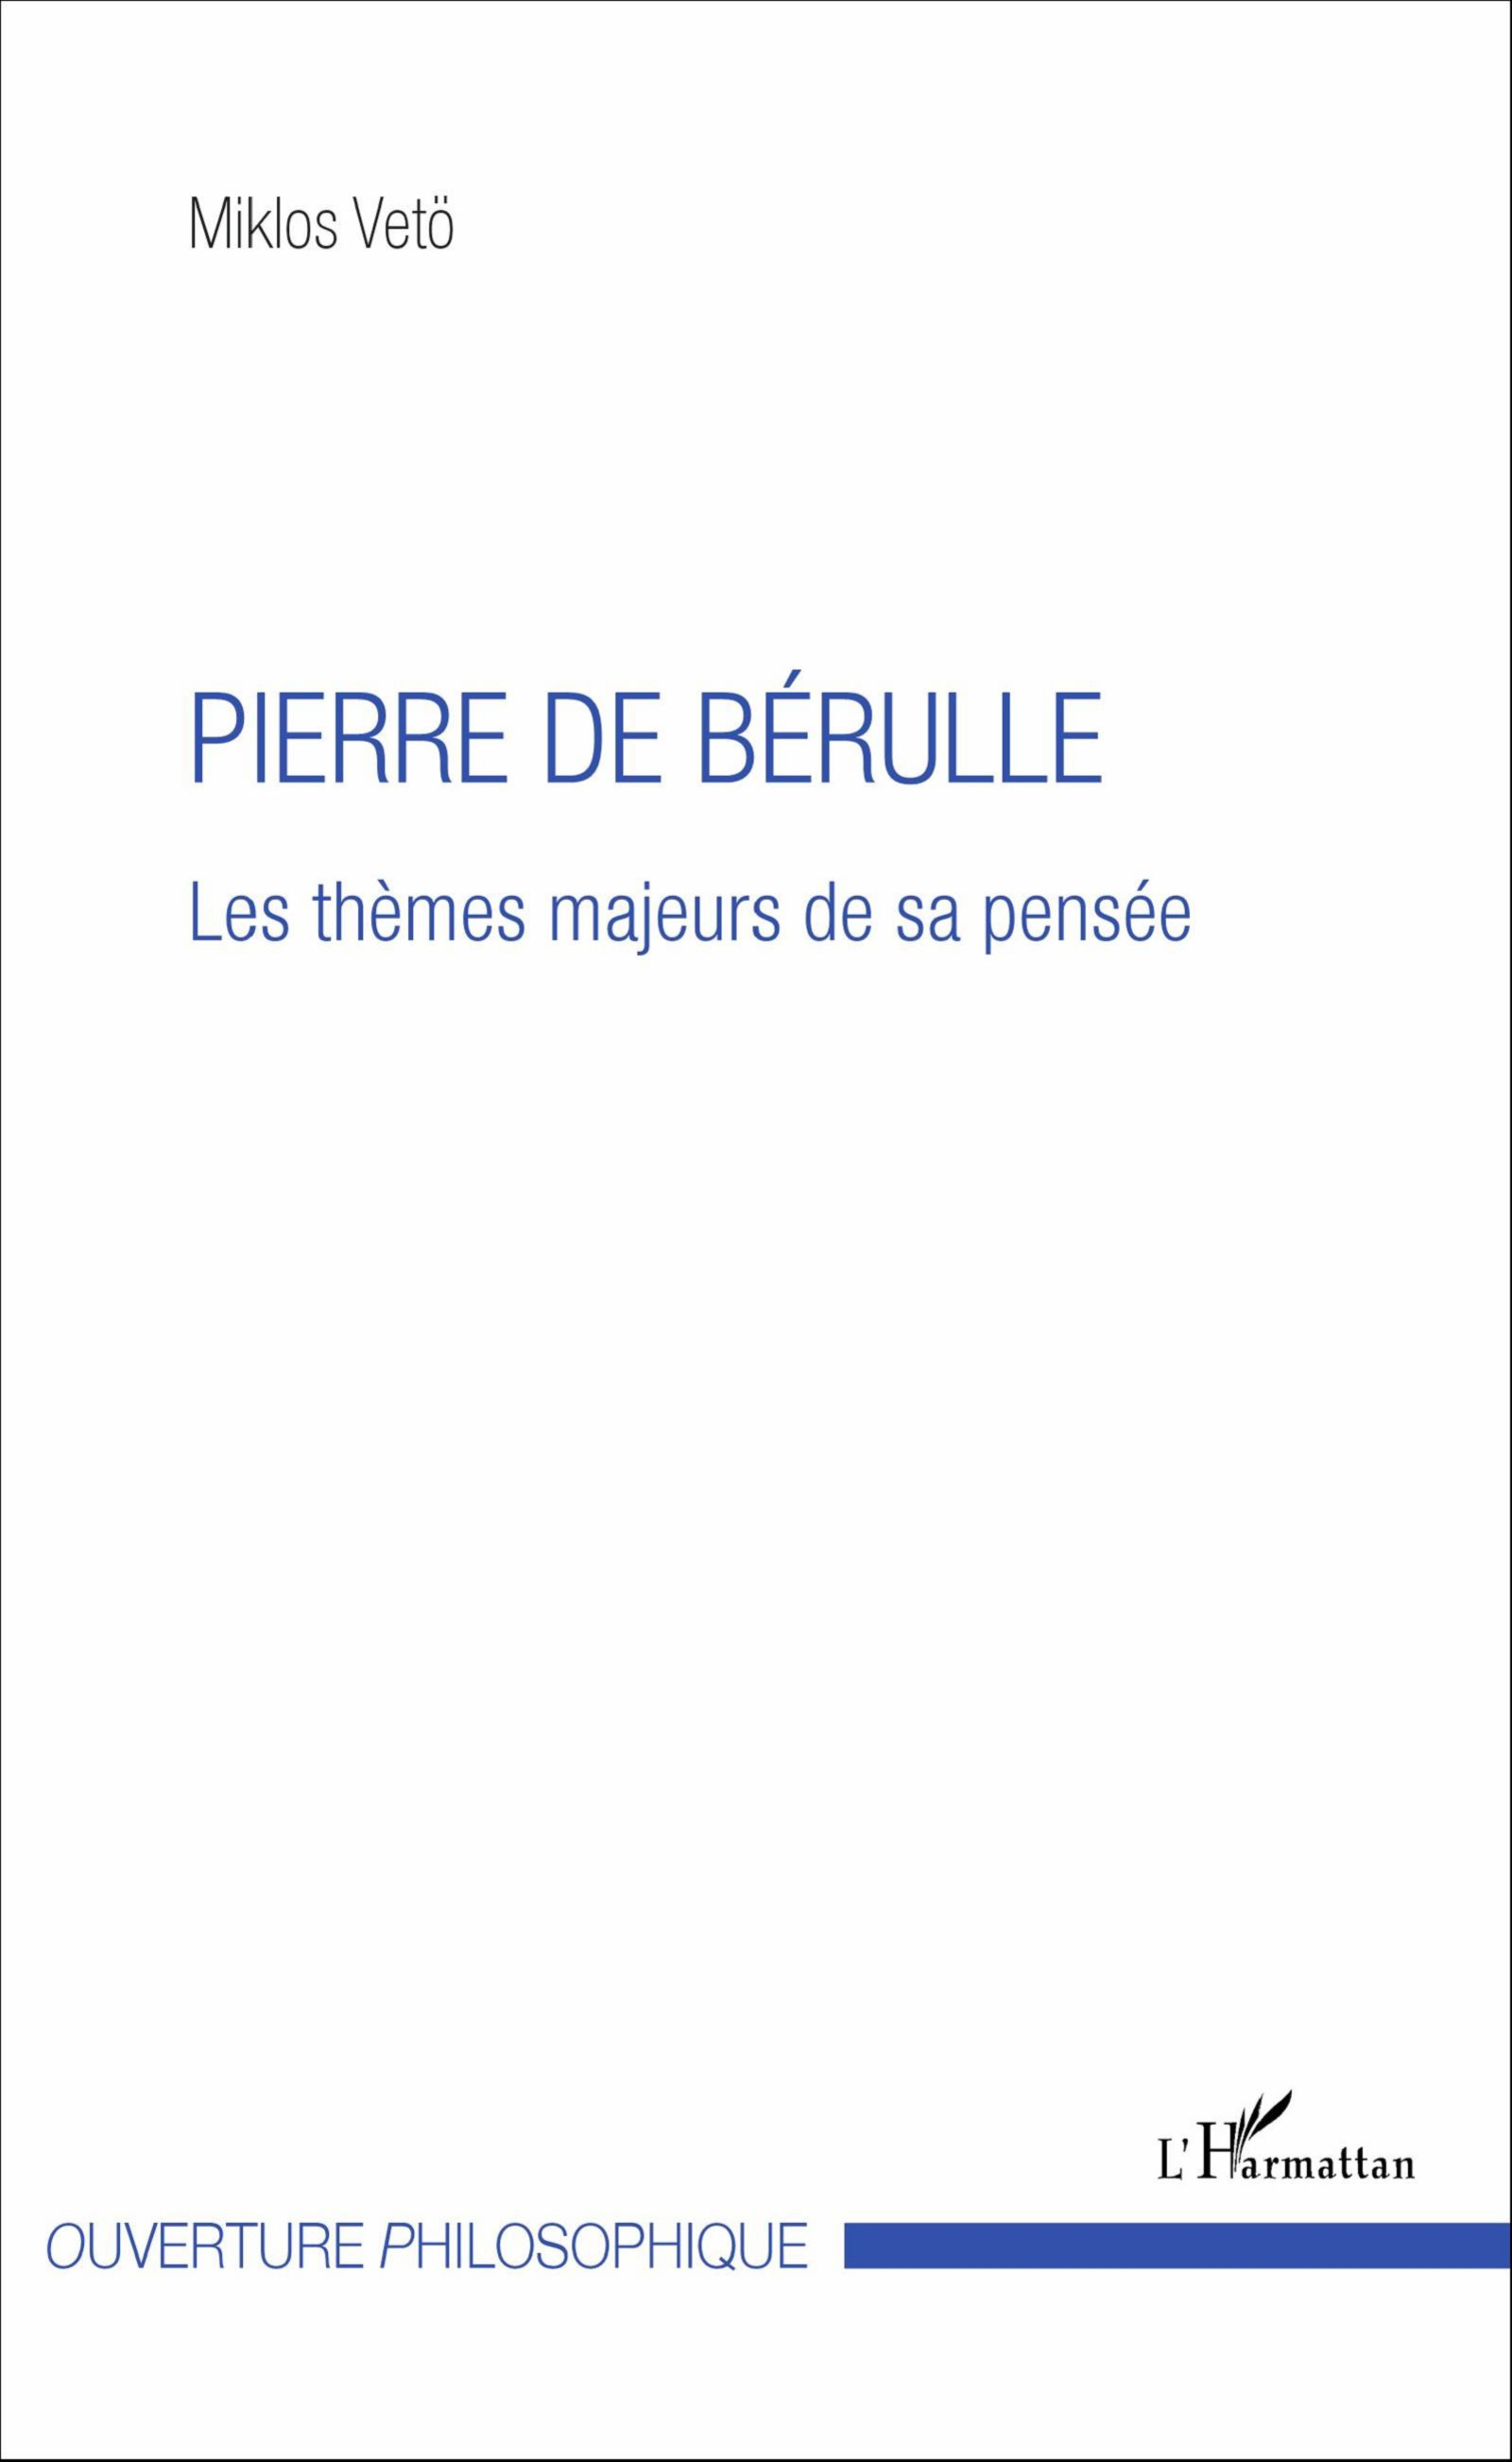 Pierre de Bérulle